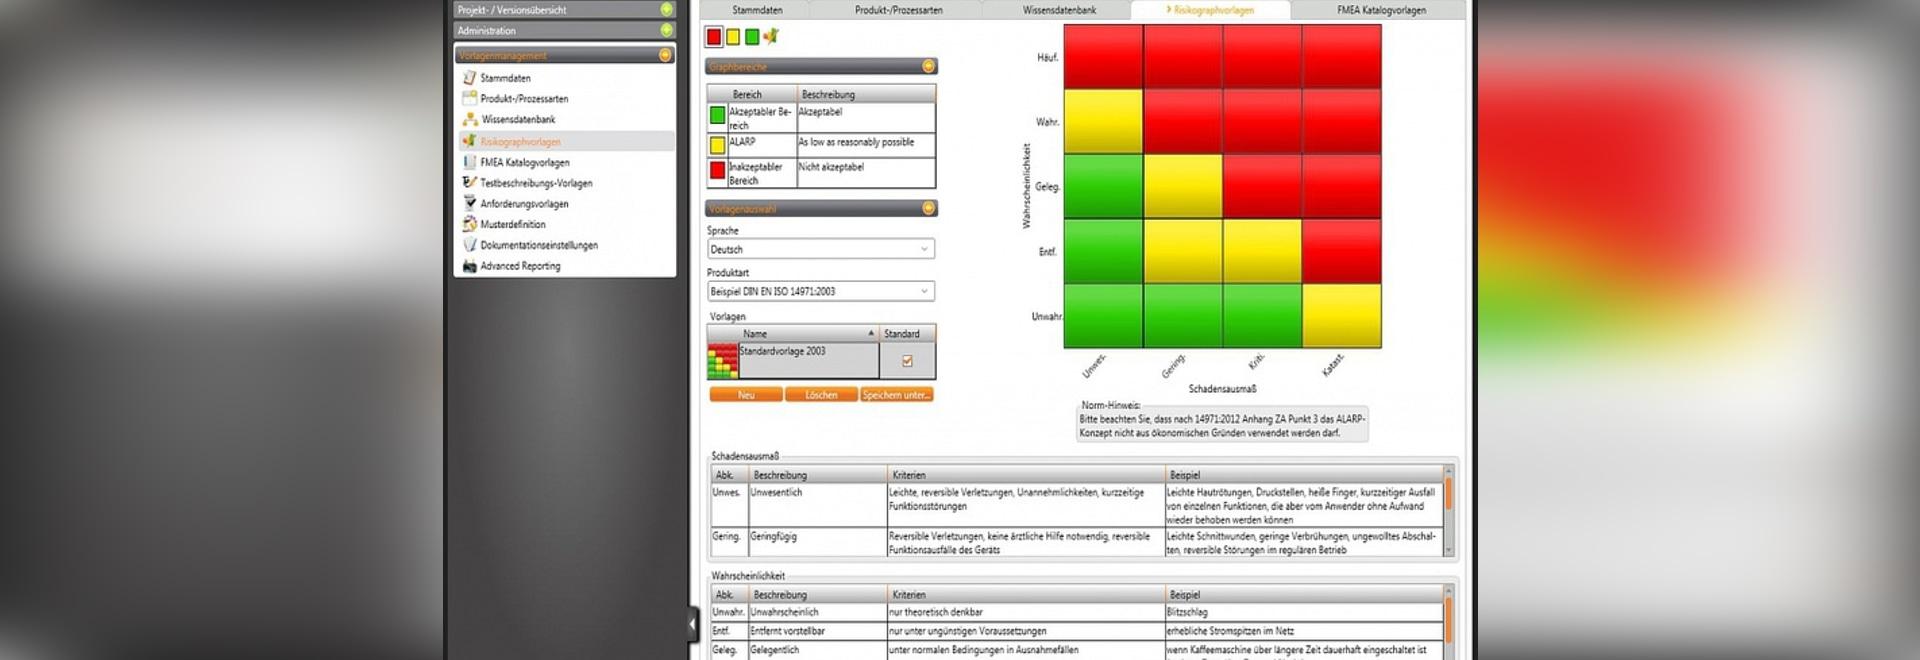 Facilitazione della gestione dei rischi degli apparecchi medici